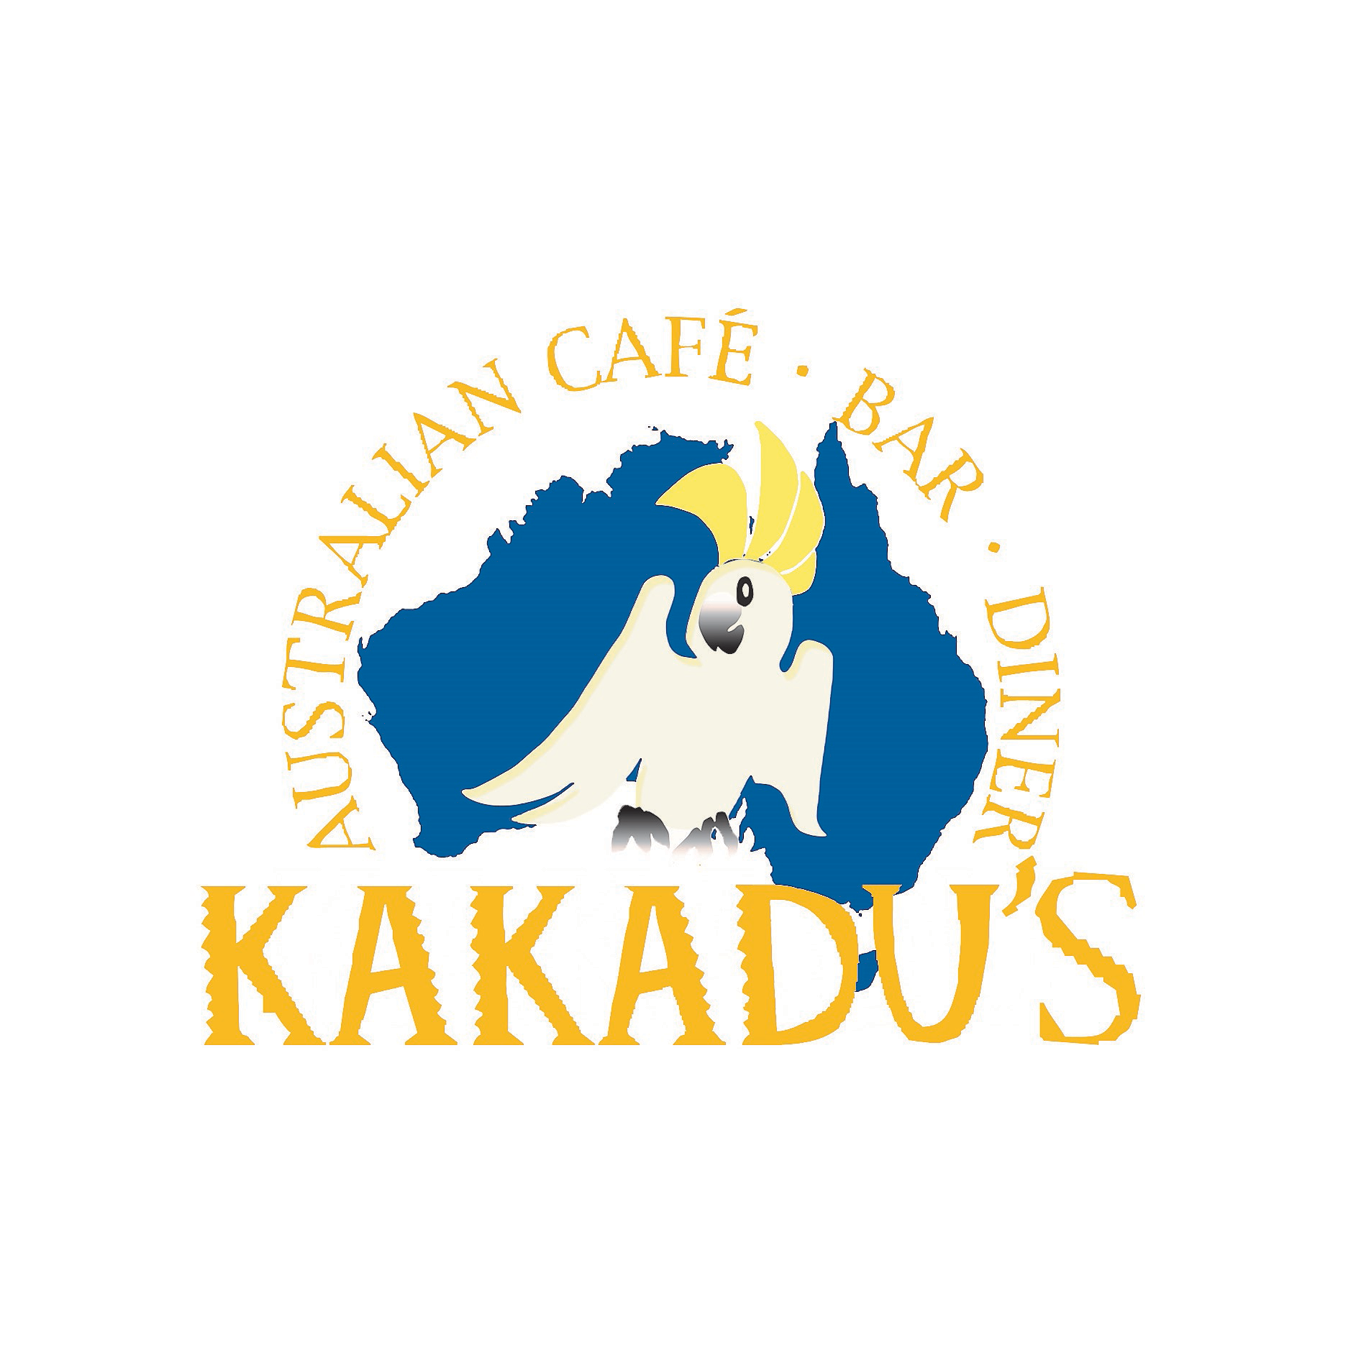 Bild zu KAKADU's Australian Café • Bar • Diner in Frankfurt am Main